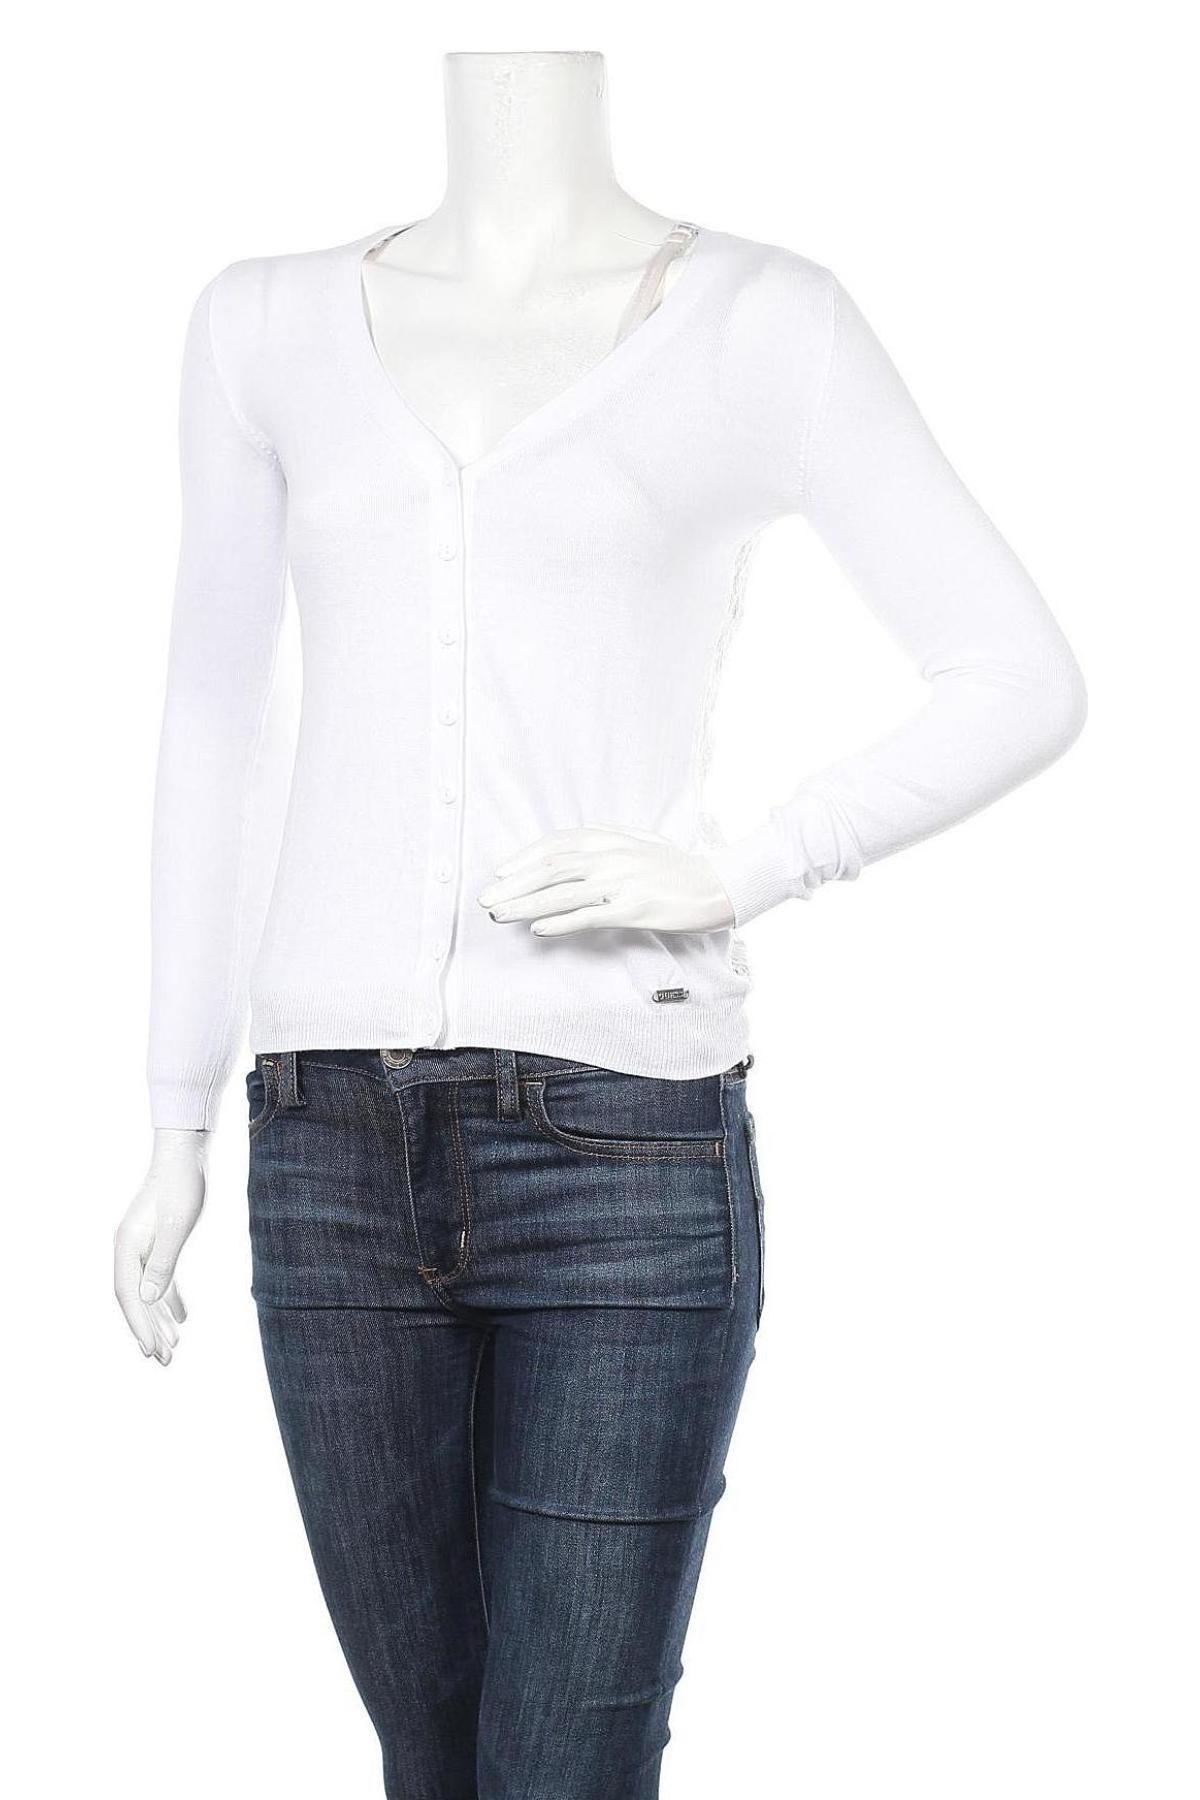 Γυναικεία ζακέτα Guess, Μέγεθος XS, Χρώμα Λευκό, 60% βαμβάκι, 40% βισκόζη, Τιμή 16,62€